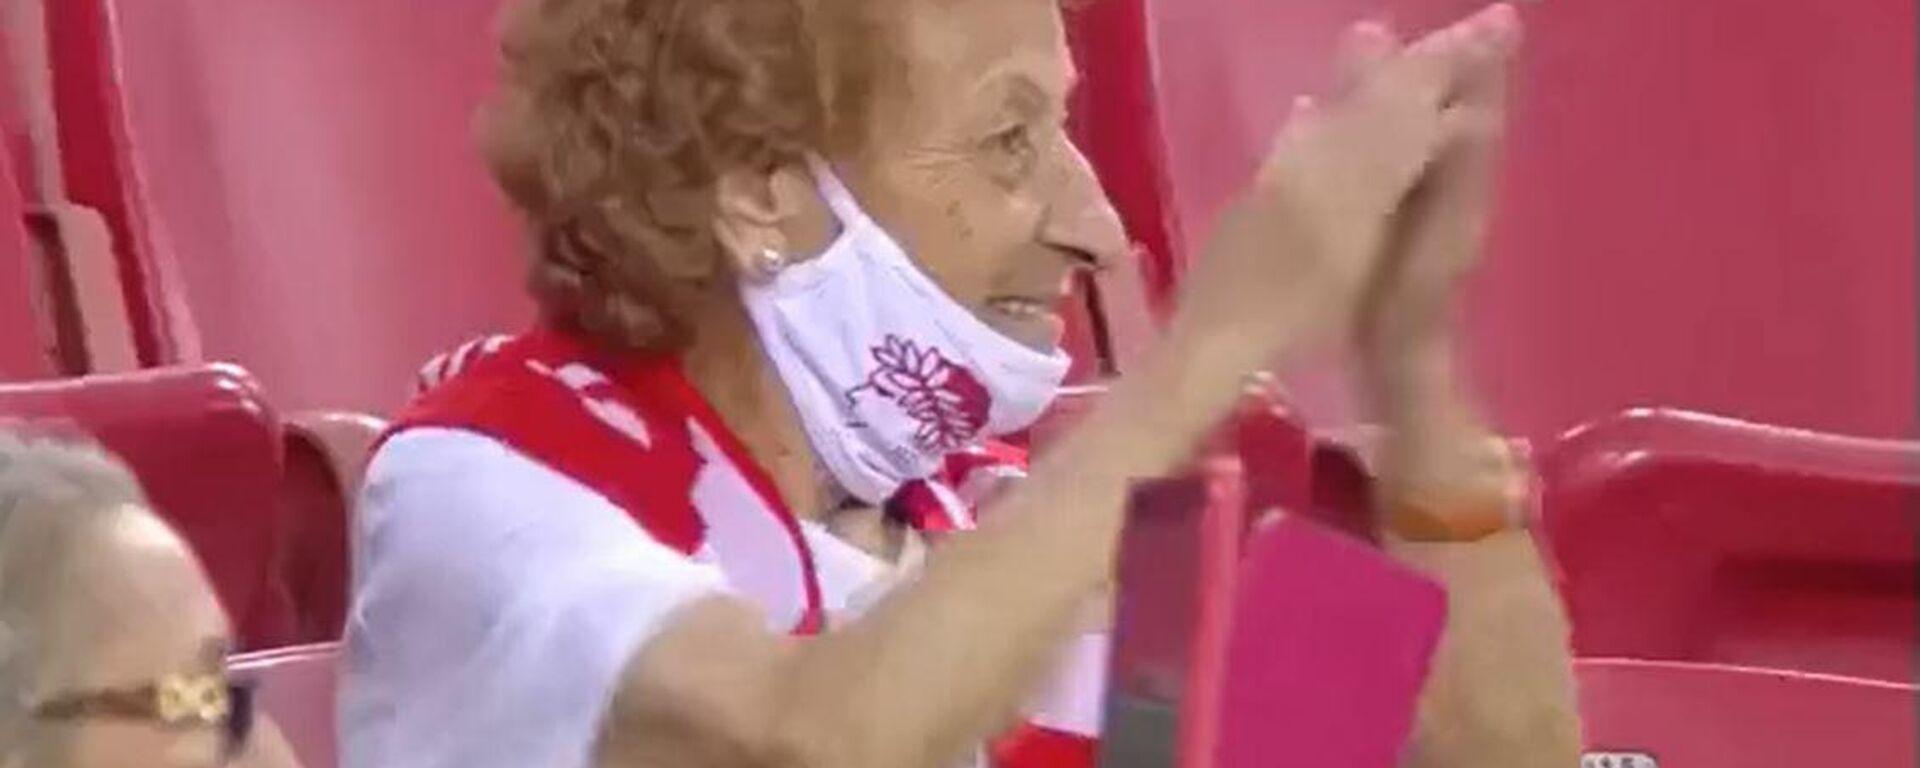 Η γιαγιά - οπαδός του Ολυμπιακού στον αγώνα με τη Σλόβαν - Sputnik Ελλάδα, 1920, 13.09.2021